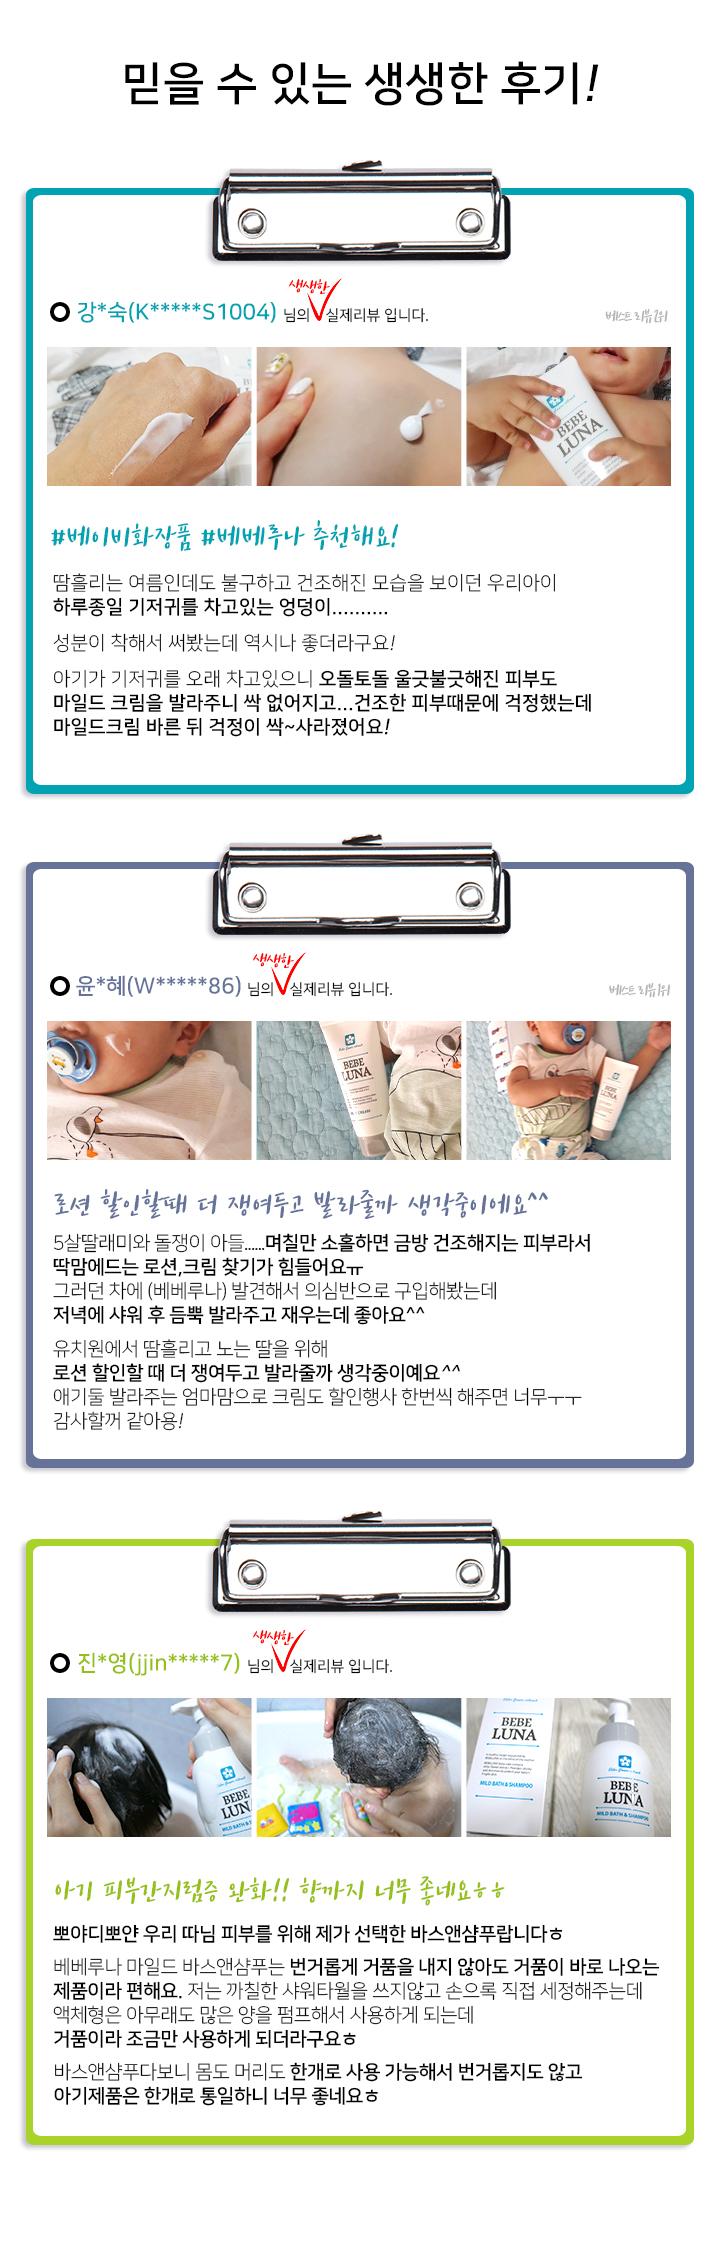 로션-상세-re_4(후기)_shop1_203259.jpg